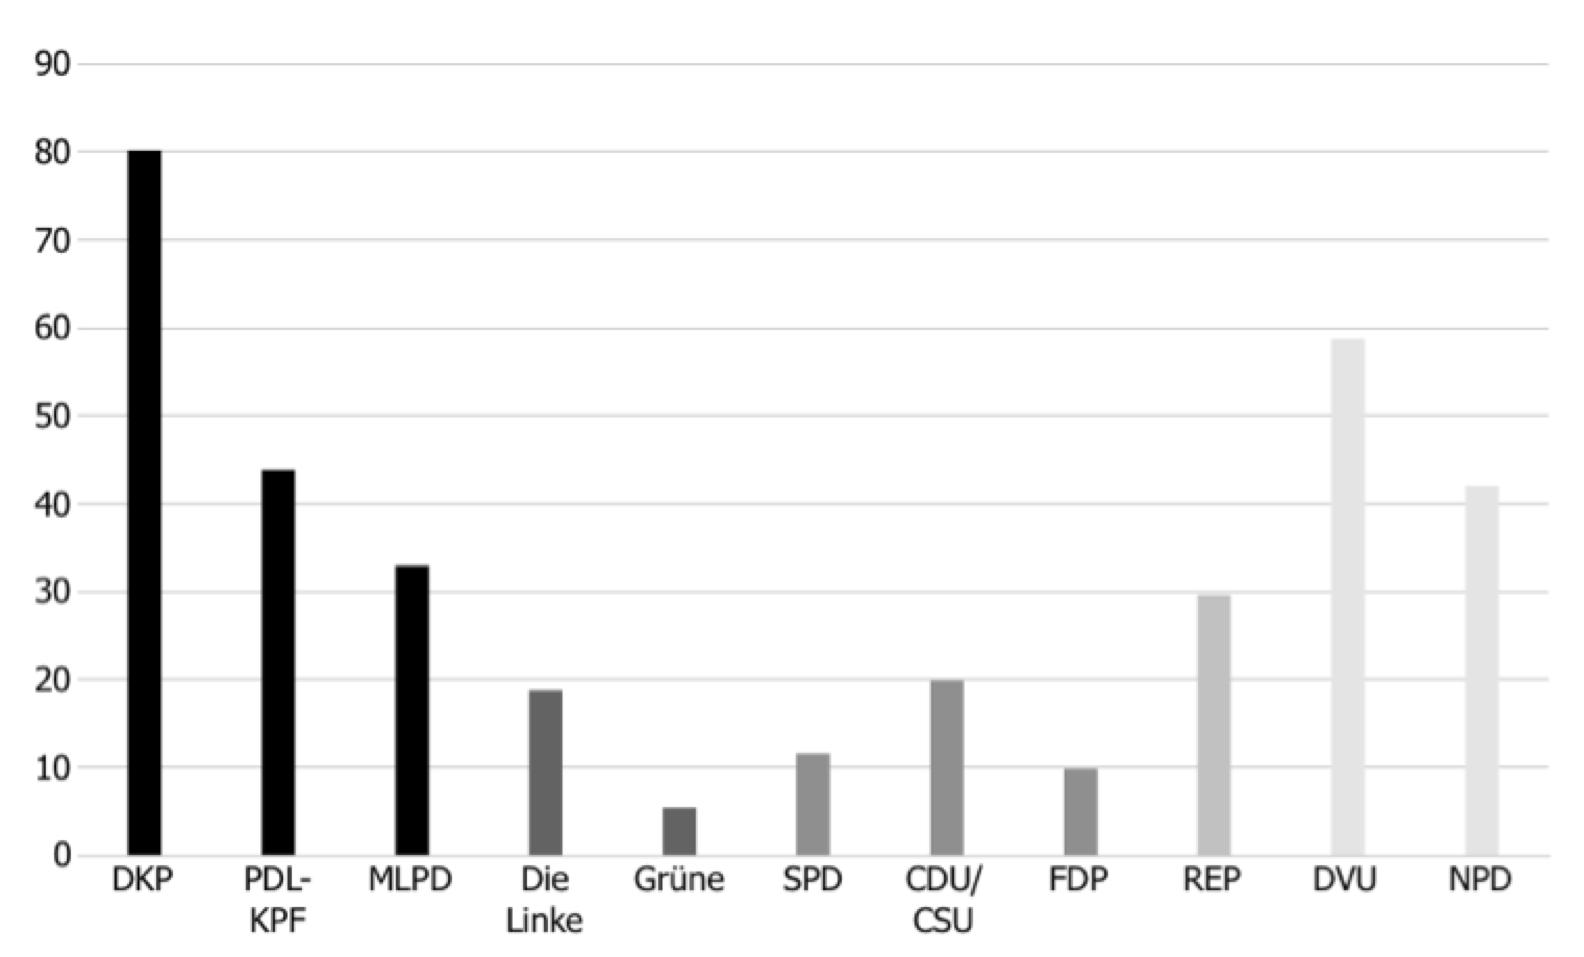 Anzahl metasprachlich markierter Ausdrücke je 10.000 Wörter in den Pressemitteilungen von Parteien (2005-2009)